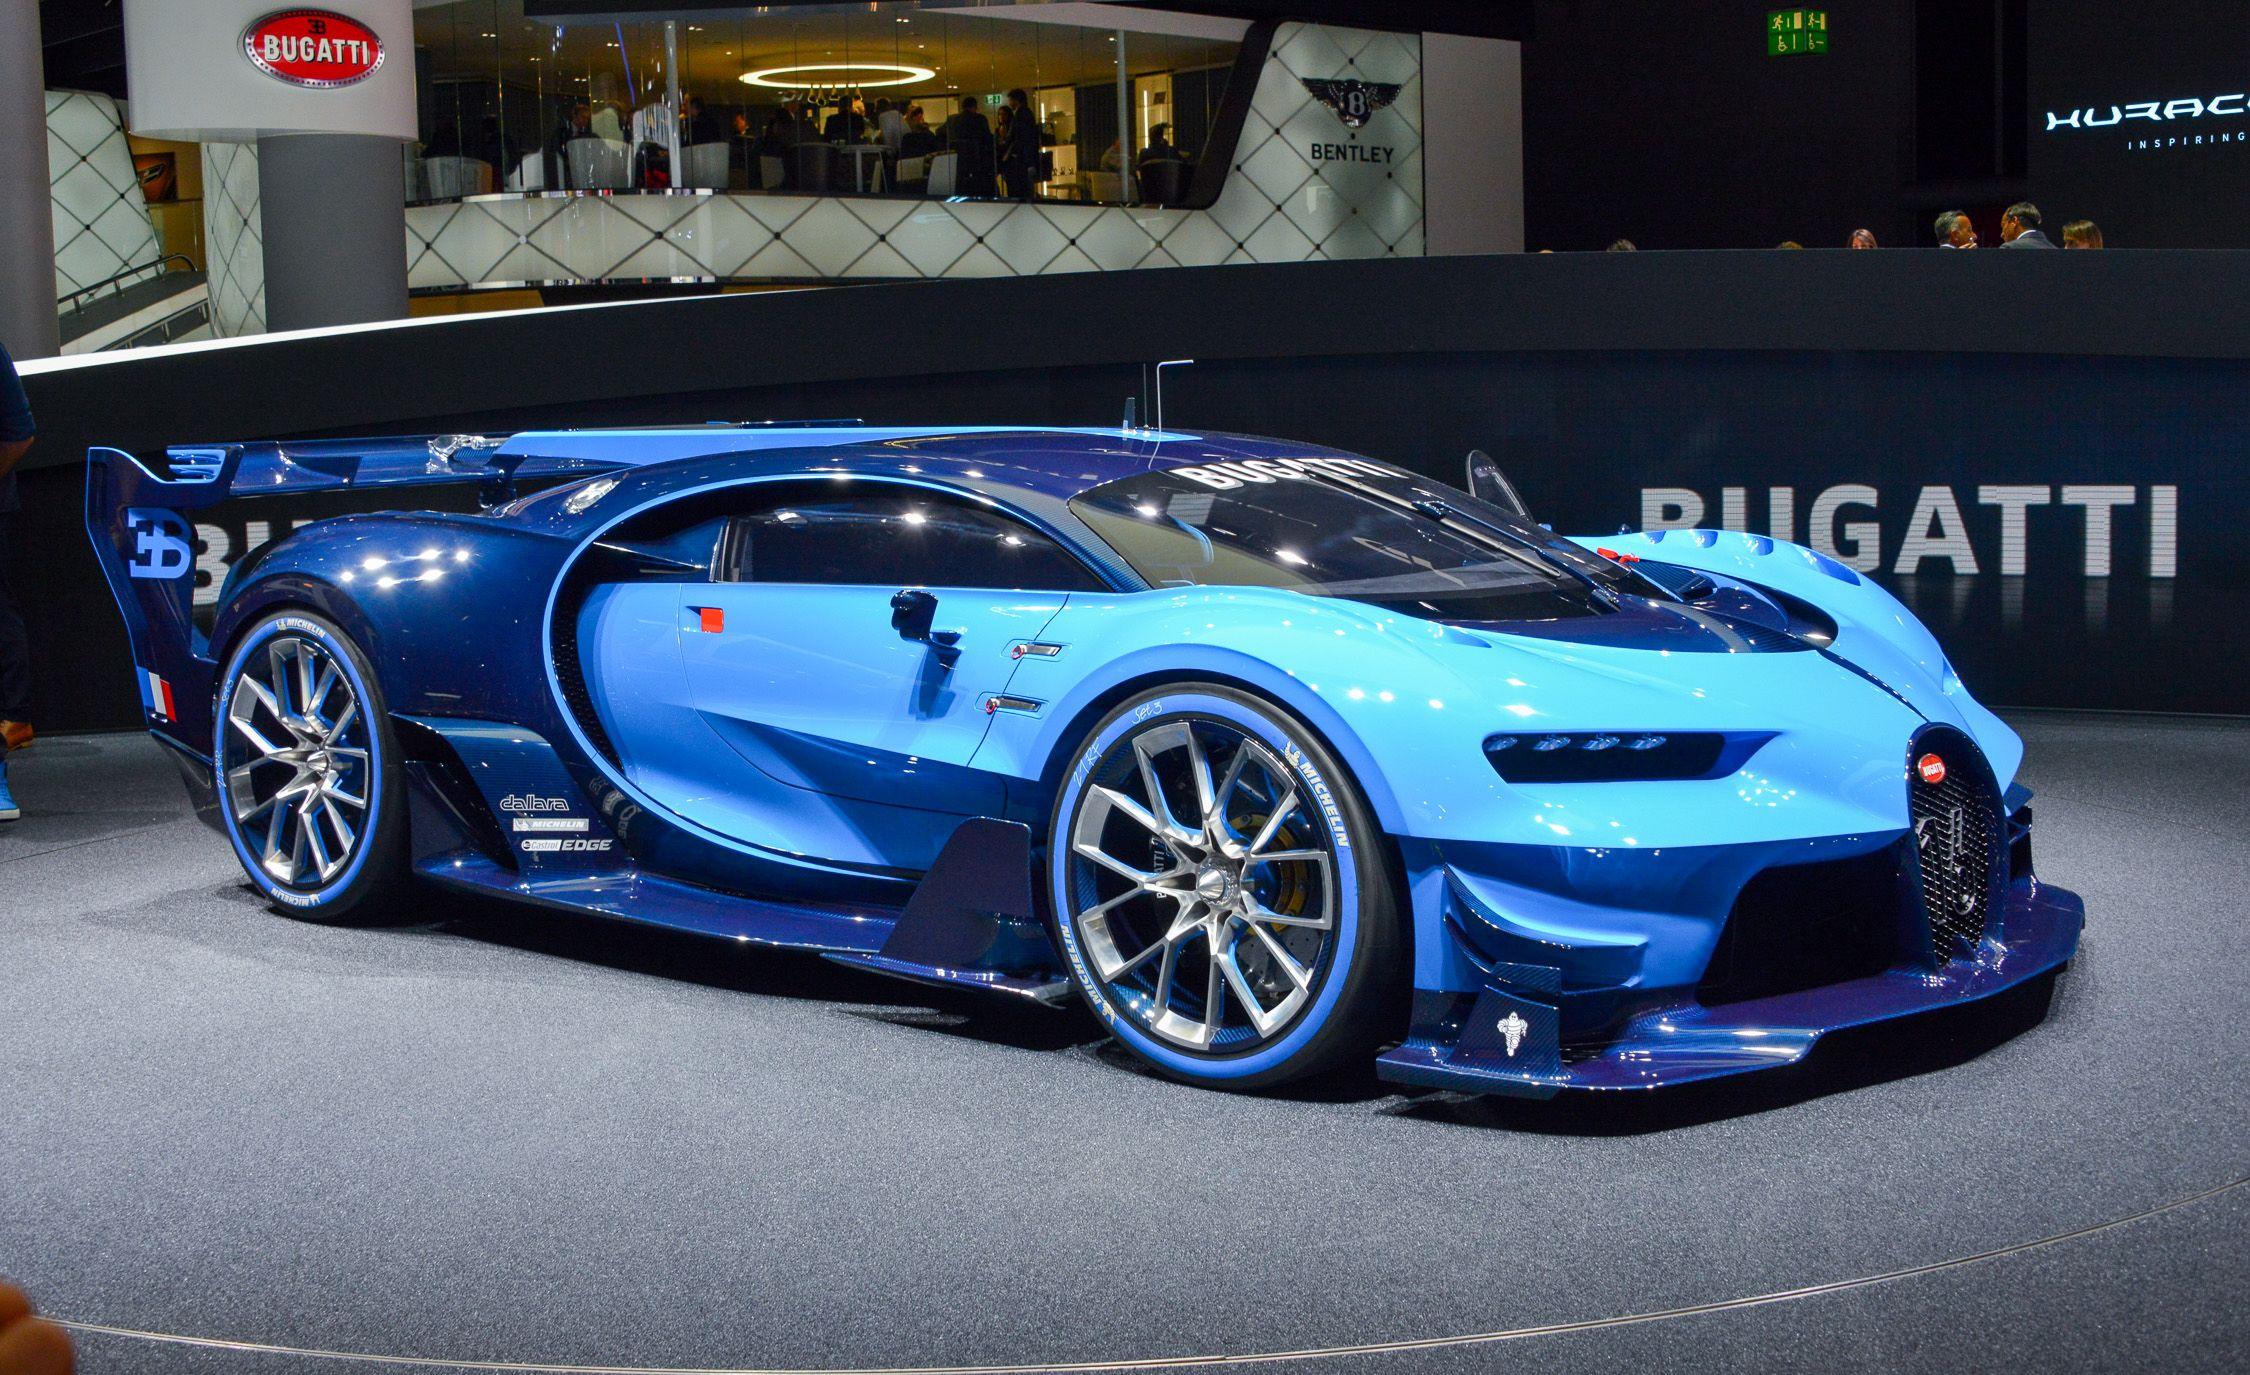 bugatti vision gran turismo concept pictures | photo gallery | car